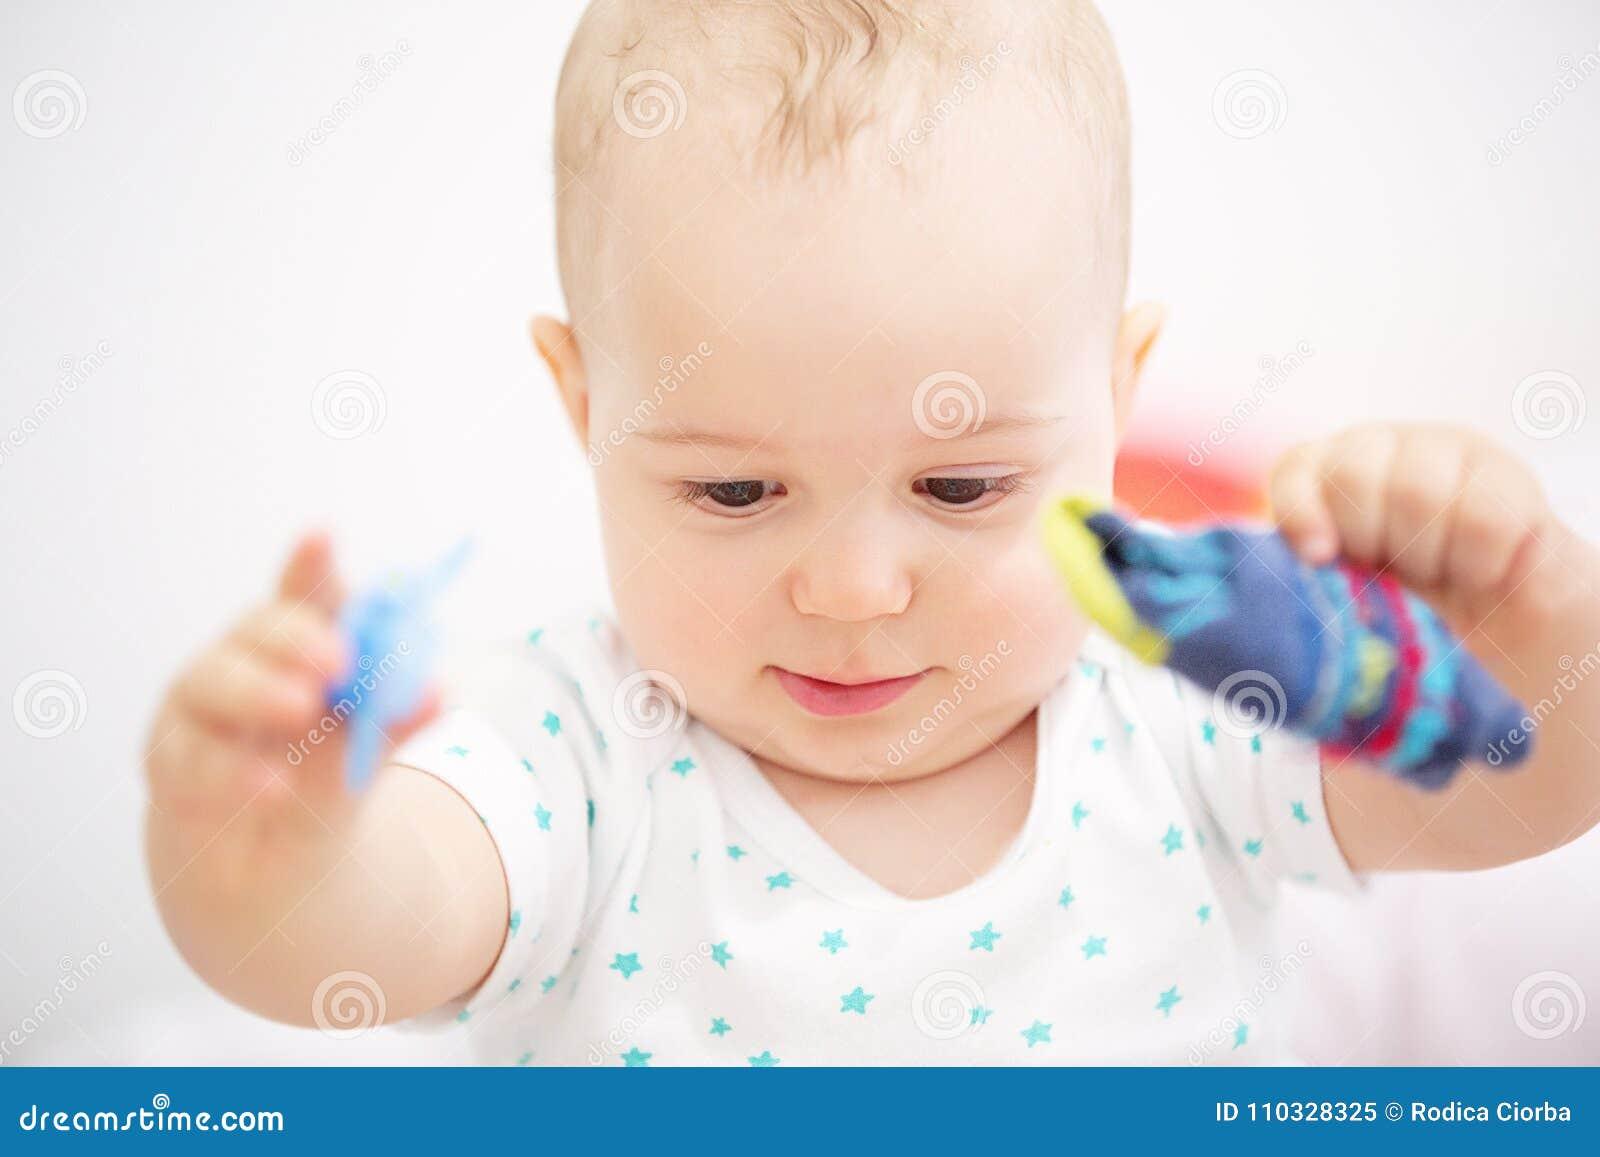 Retrato do close up da criança adorável isolado no fundo branco